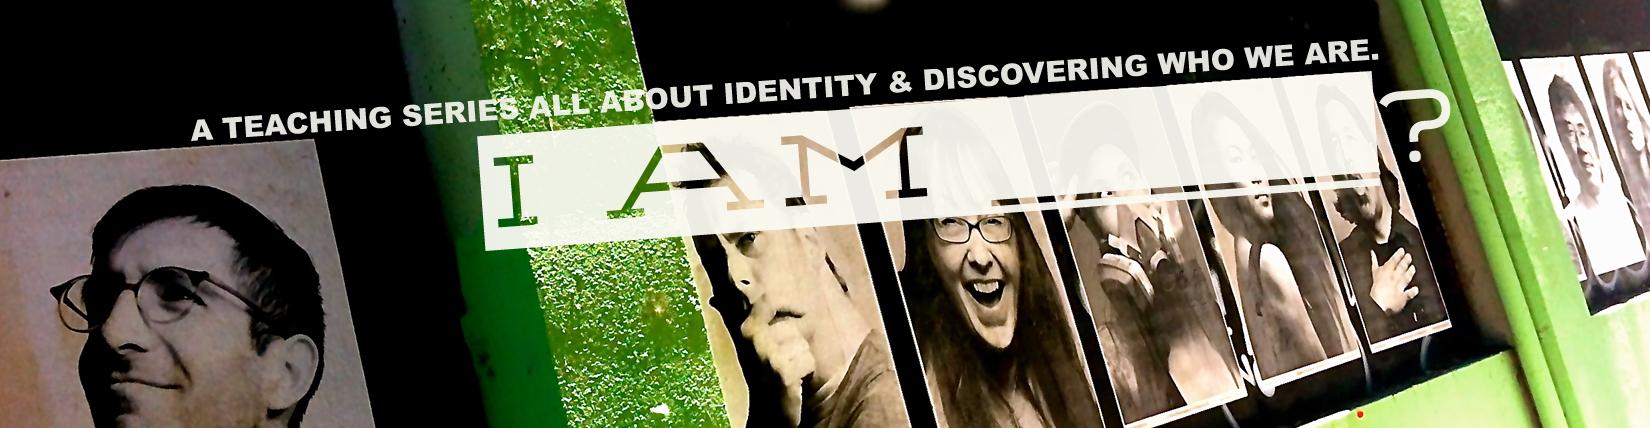 I AM ______?